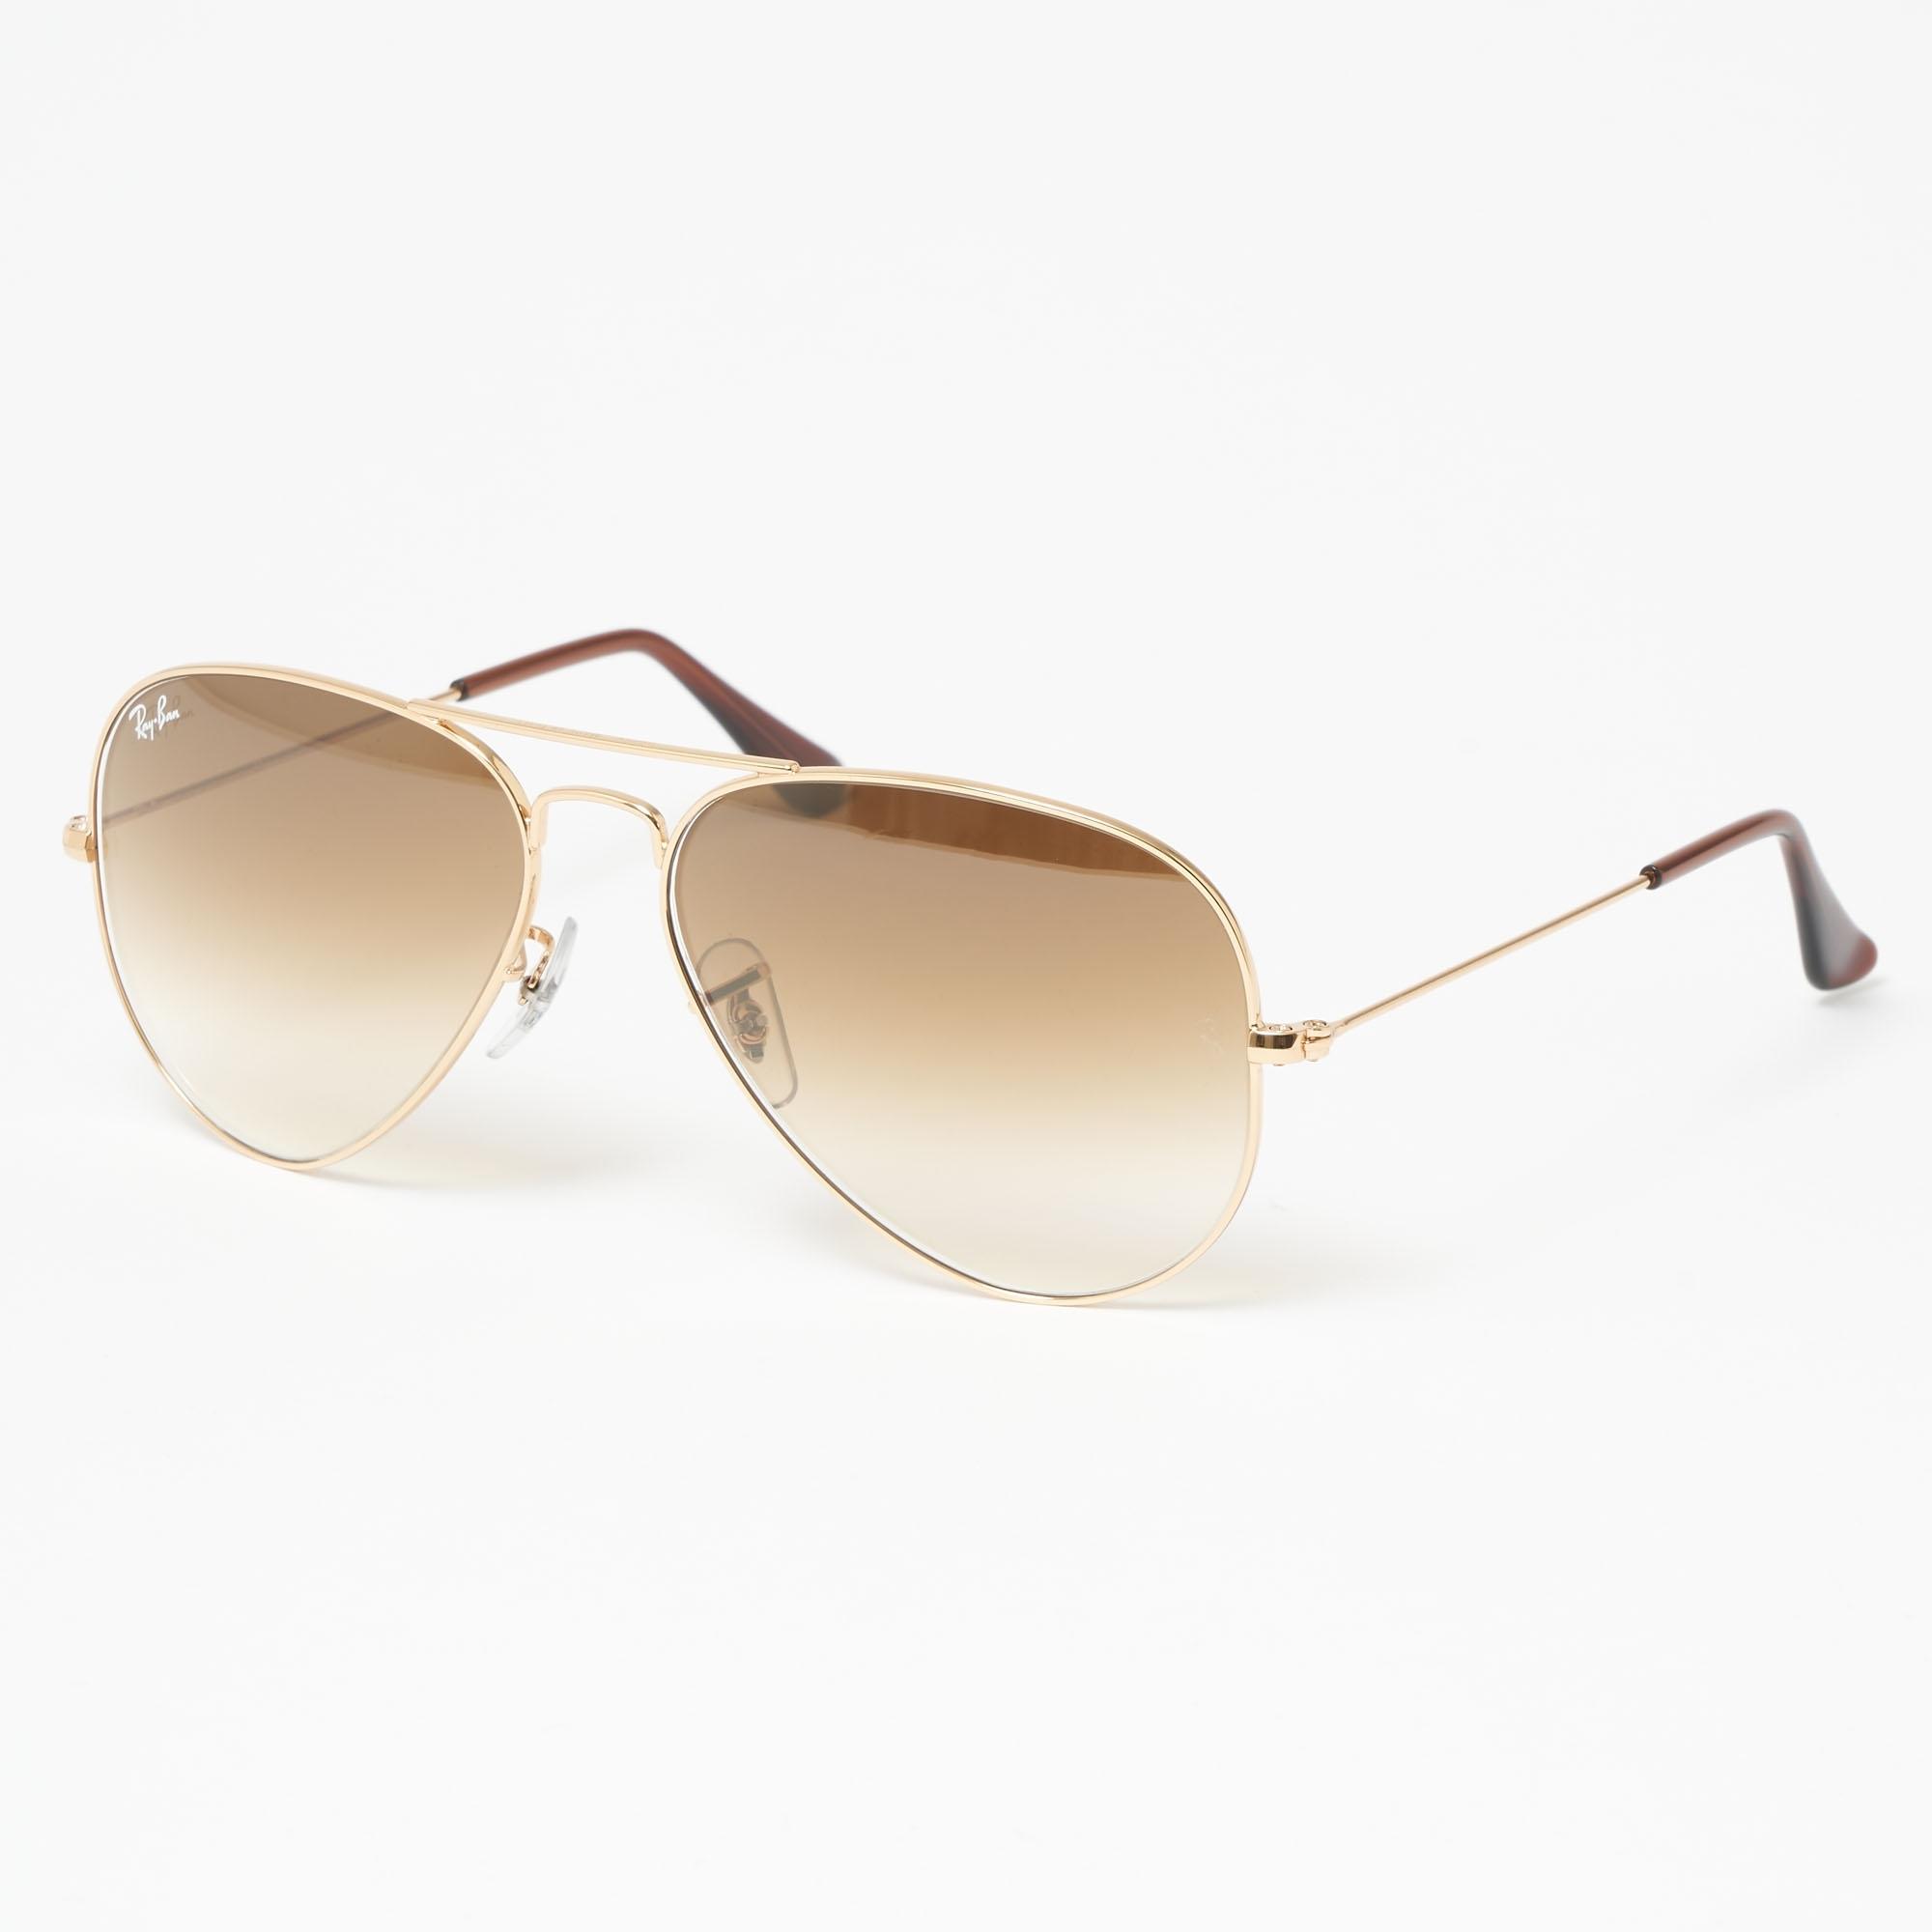 b57eda56c7 Gold Aviator Gradient Sunglasses - Light Brown Gradient Lenses